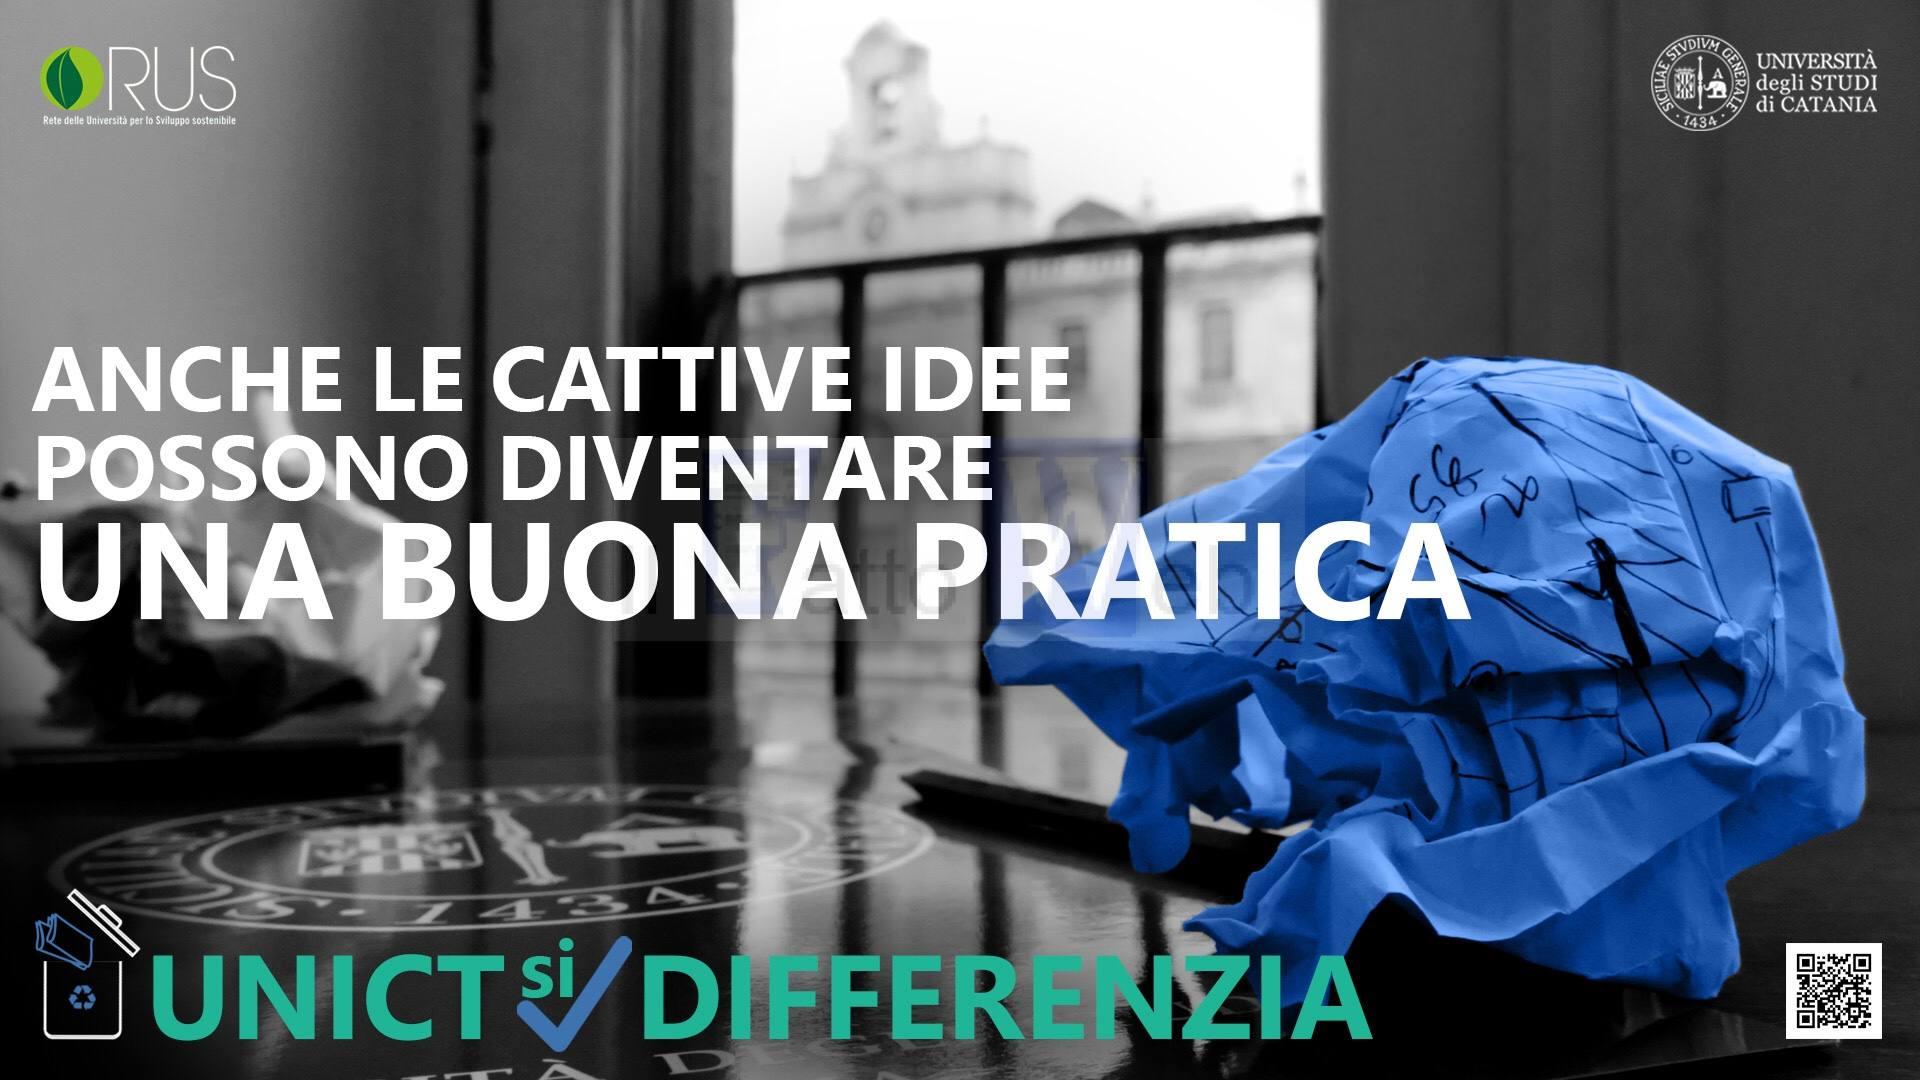 """""""Unict si differenzia"""": parte oggi la campagna di sensibilizzazione sulla raccolta differenziata in Ateneo"""